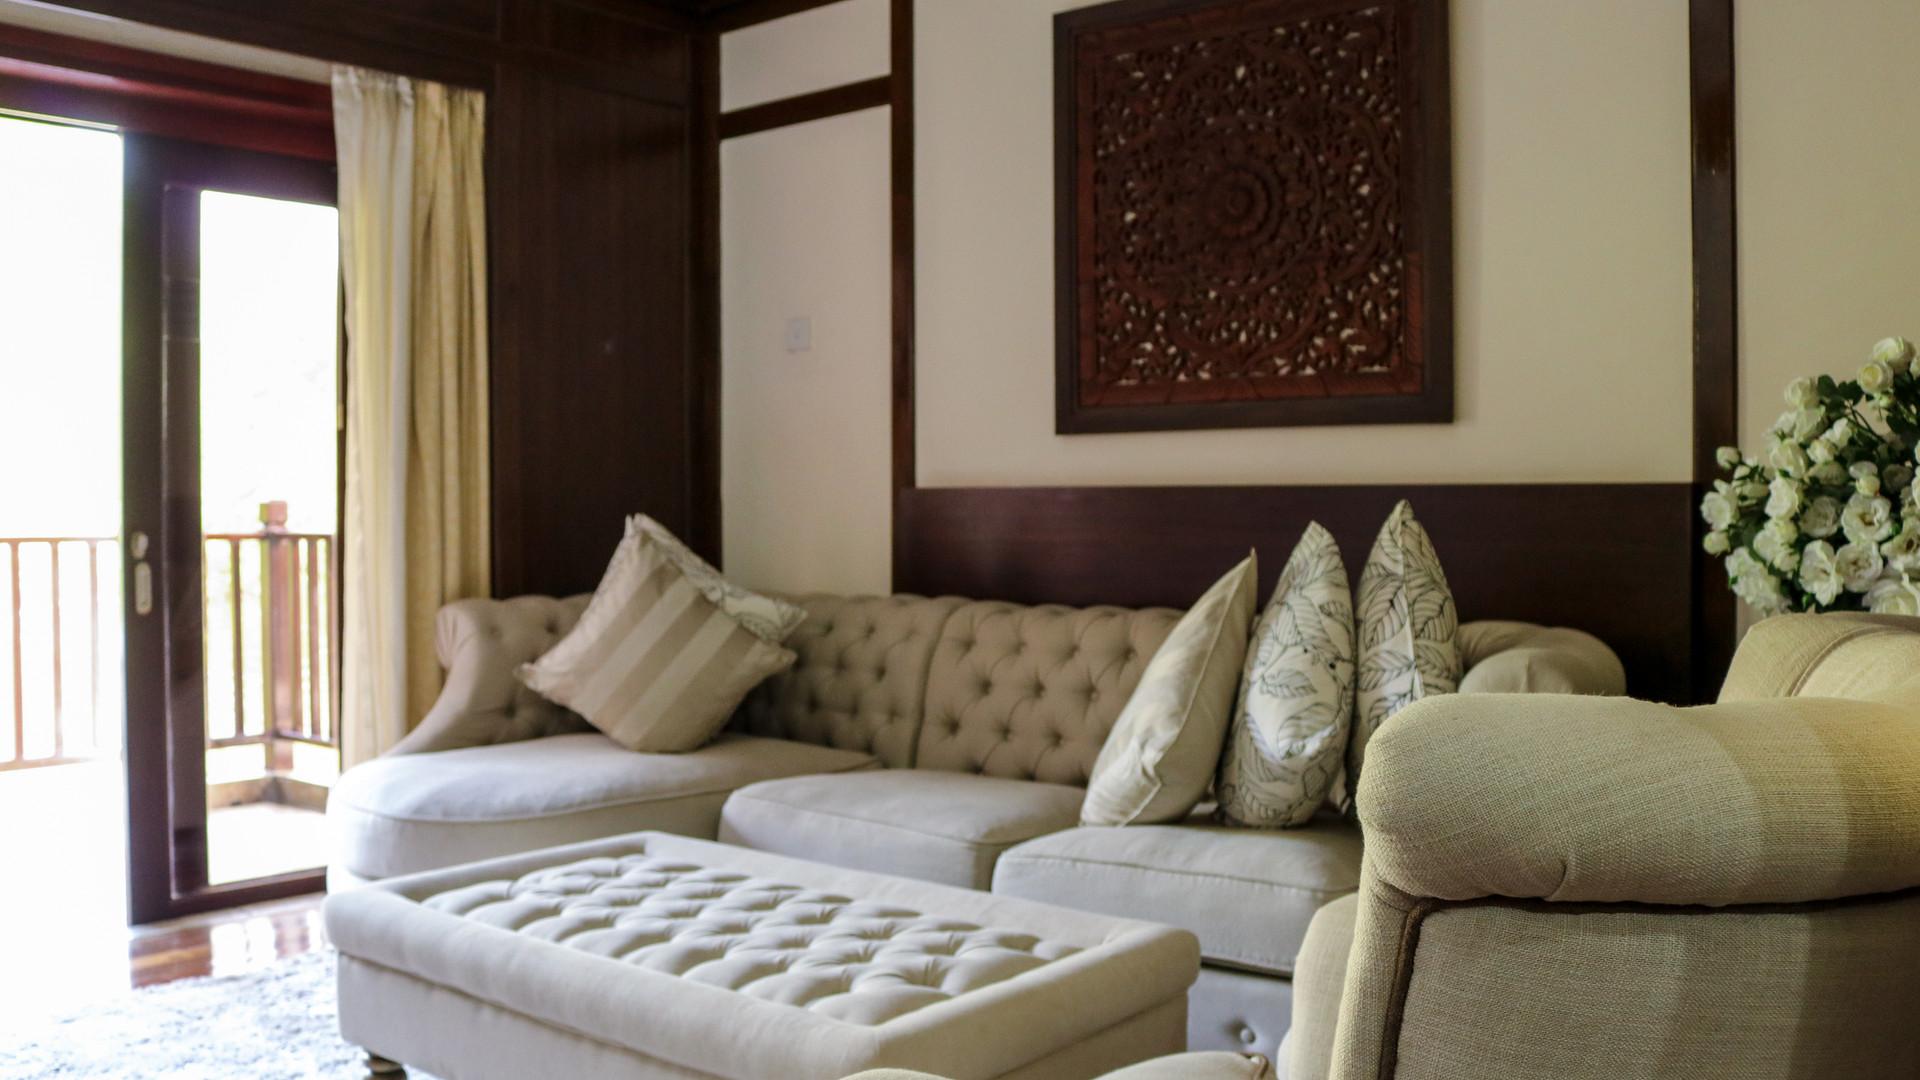 Cenderawasih suite 05 edited (1 of 1).jpg